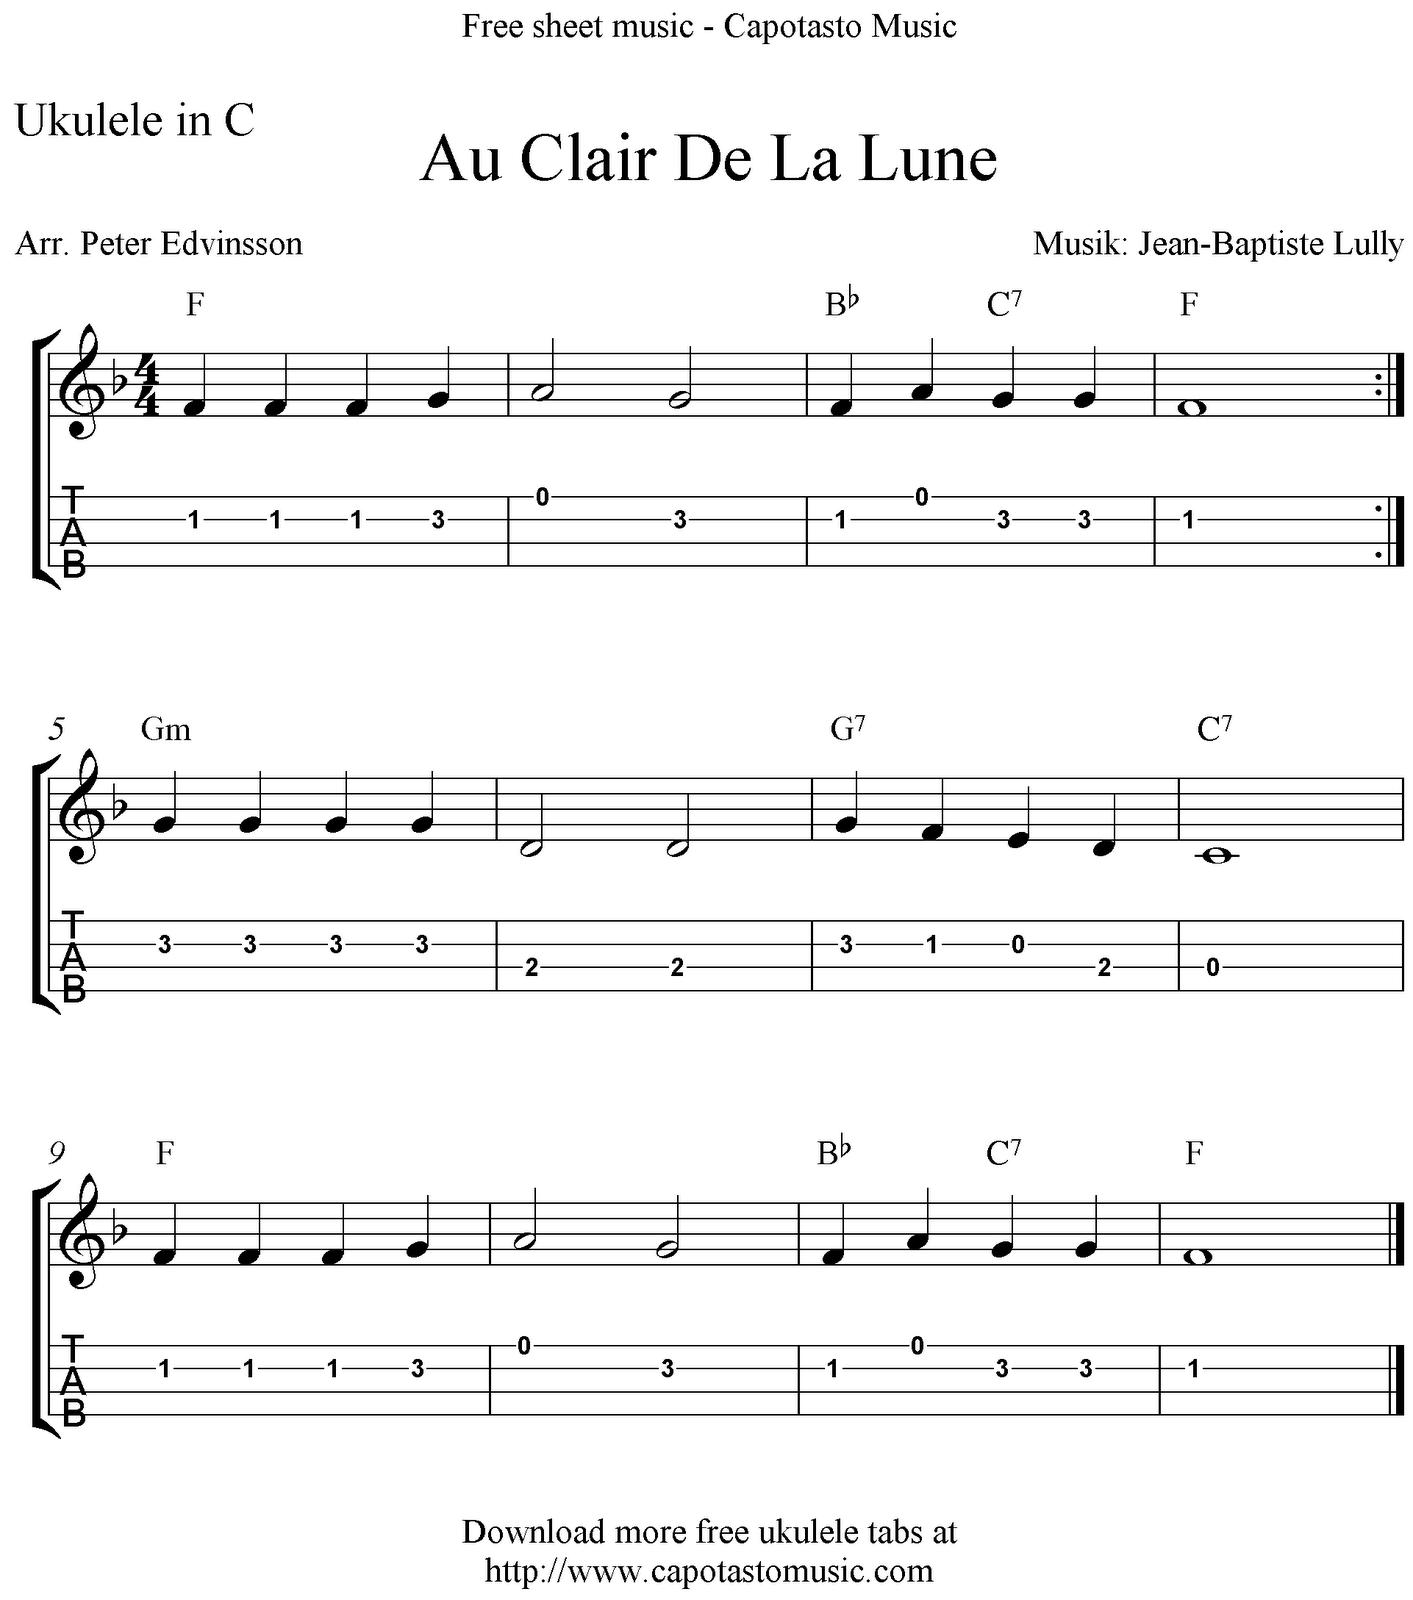 Au Clair De La Lune Ukulele Sheet Music  Free